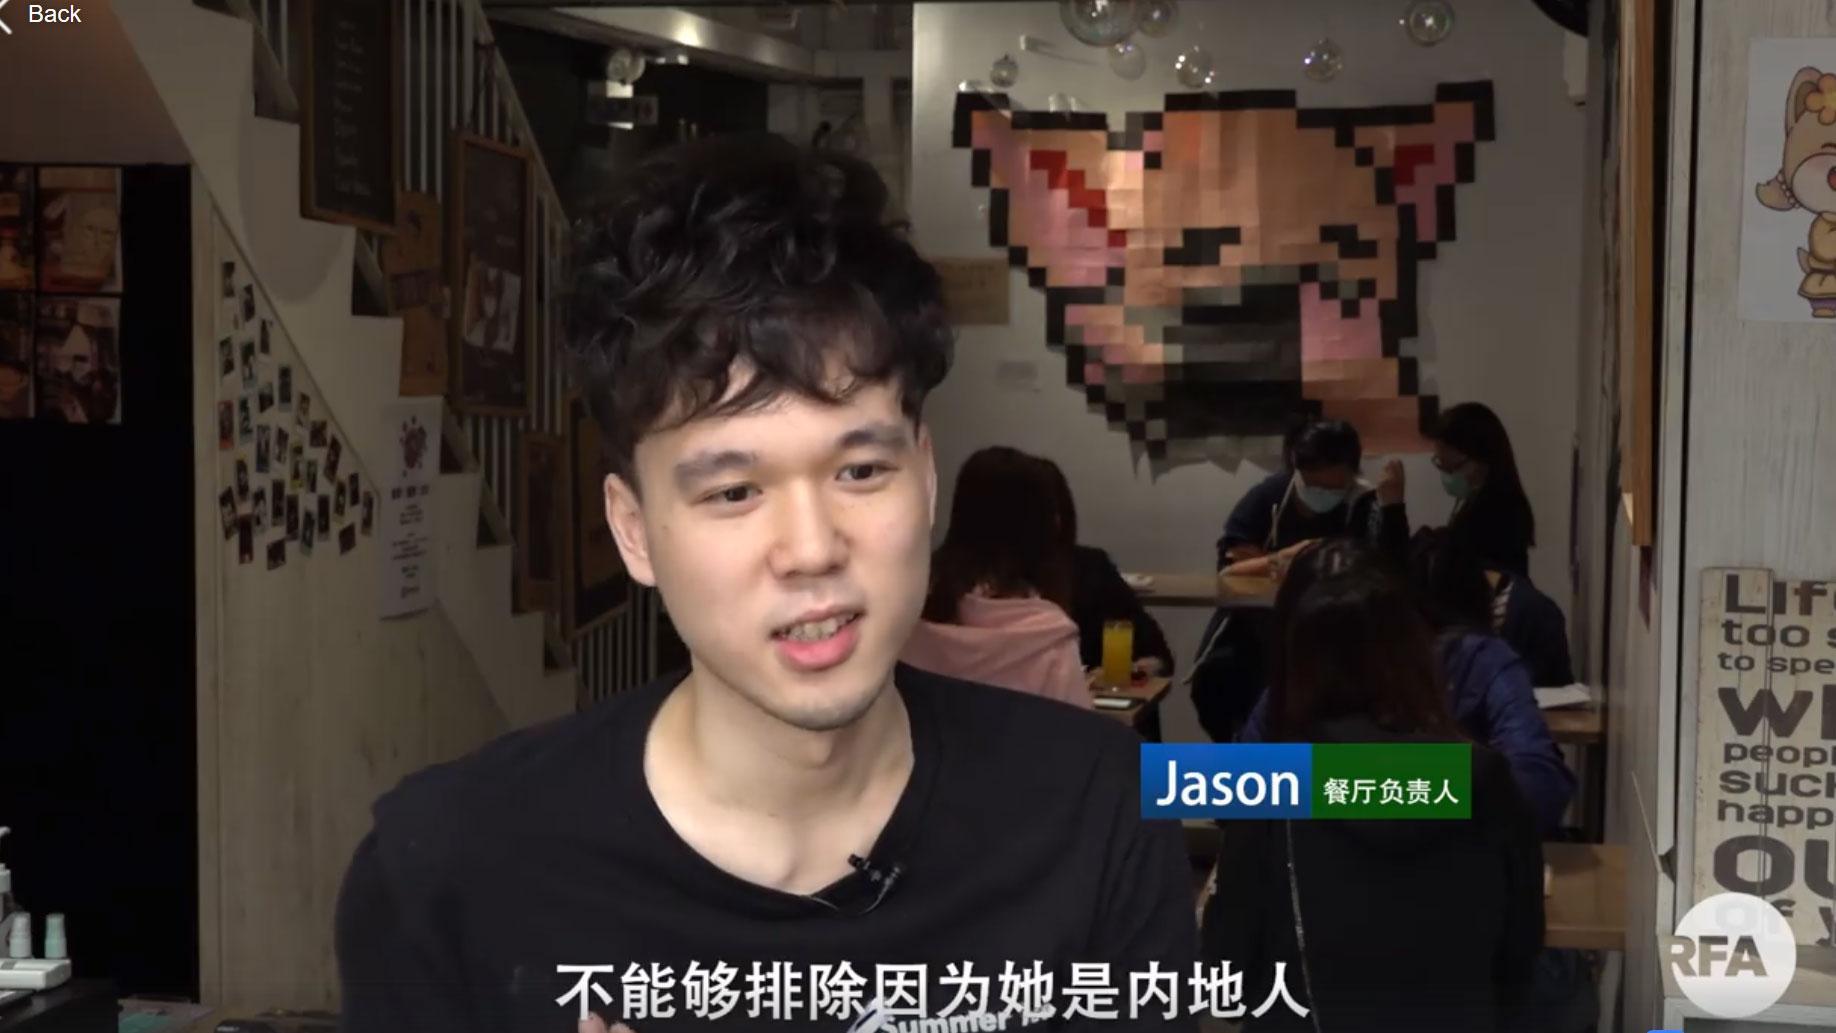 黄店合伙人Jason。(视频截图)